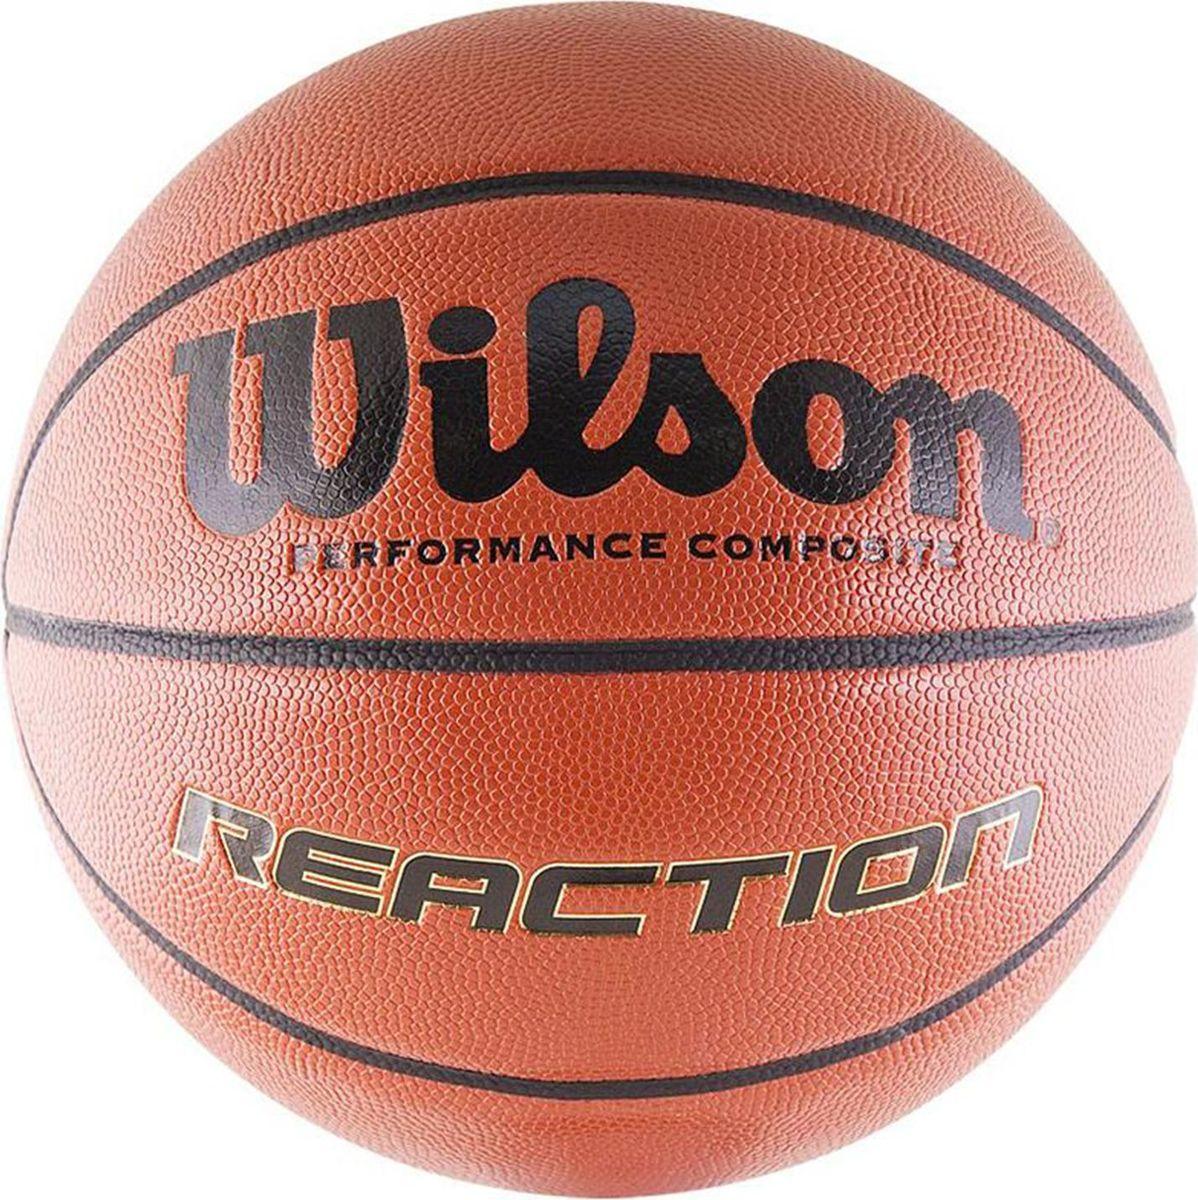 Мяч баскетбольный Wilson Reaction, цвет: кирпичный. Размер 5X5475Баскетбольный мяч Wilson Reaction отлично подходит для комфортных тренировок и игр команд любого уровня.Покрышка мяча выполнена из современного композитного материала ACL (Absorbent Composite Leather) на основе микрофибры. Этот материал обладает высокой способностью впитывать влагу и пот. Камера закрывается специальной системой, сохраняющей максимум воздуха и давления.Мяч обладает большой цепкостью, он не выскальзывает из рук во время броска или дриблинга. Баскетбольный мяч рекомендован для тренировок и соревнований команд высокого уровня.Размер: №5.УВАЖАЕМЫЕ КЛИЕНТЫ!Обращаем ваше внимание на тот факт, что мяч поставляется в сдутом виде. Насос в комплект не входит.